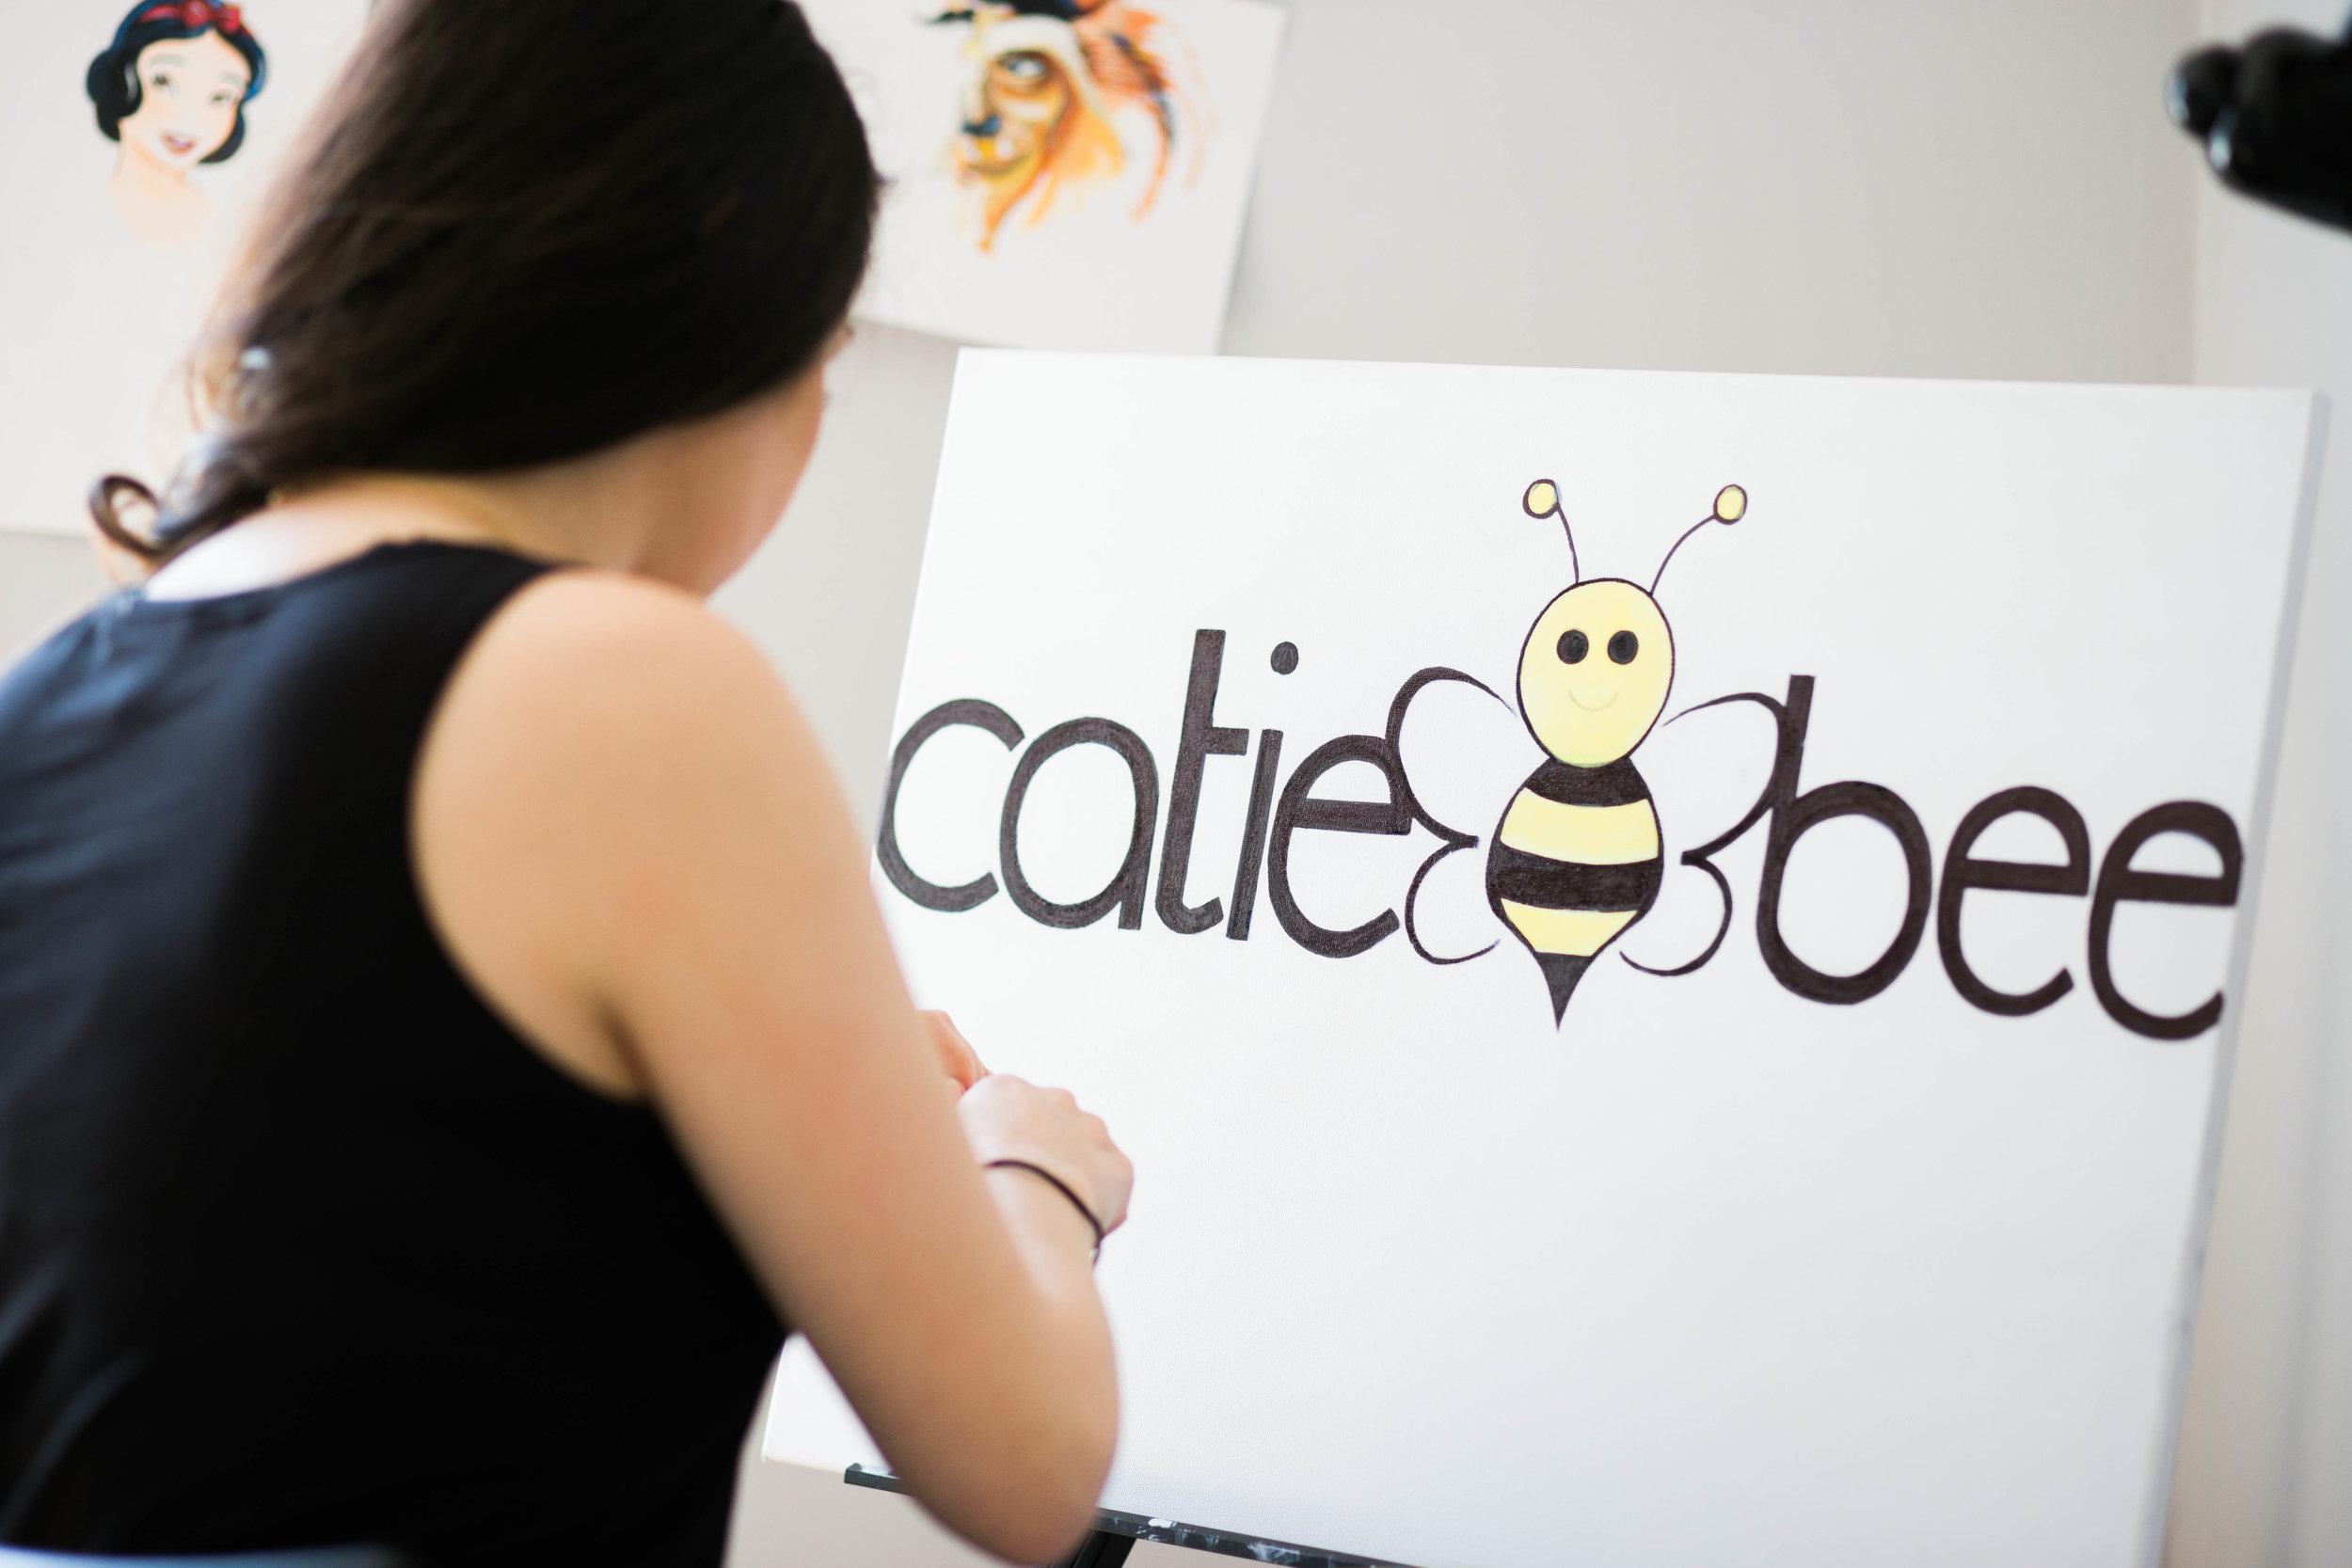 CatieBee-8.jpg